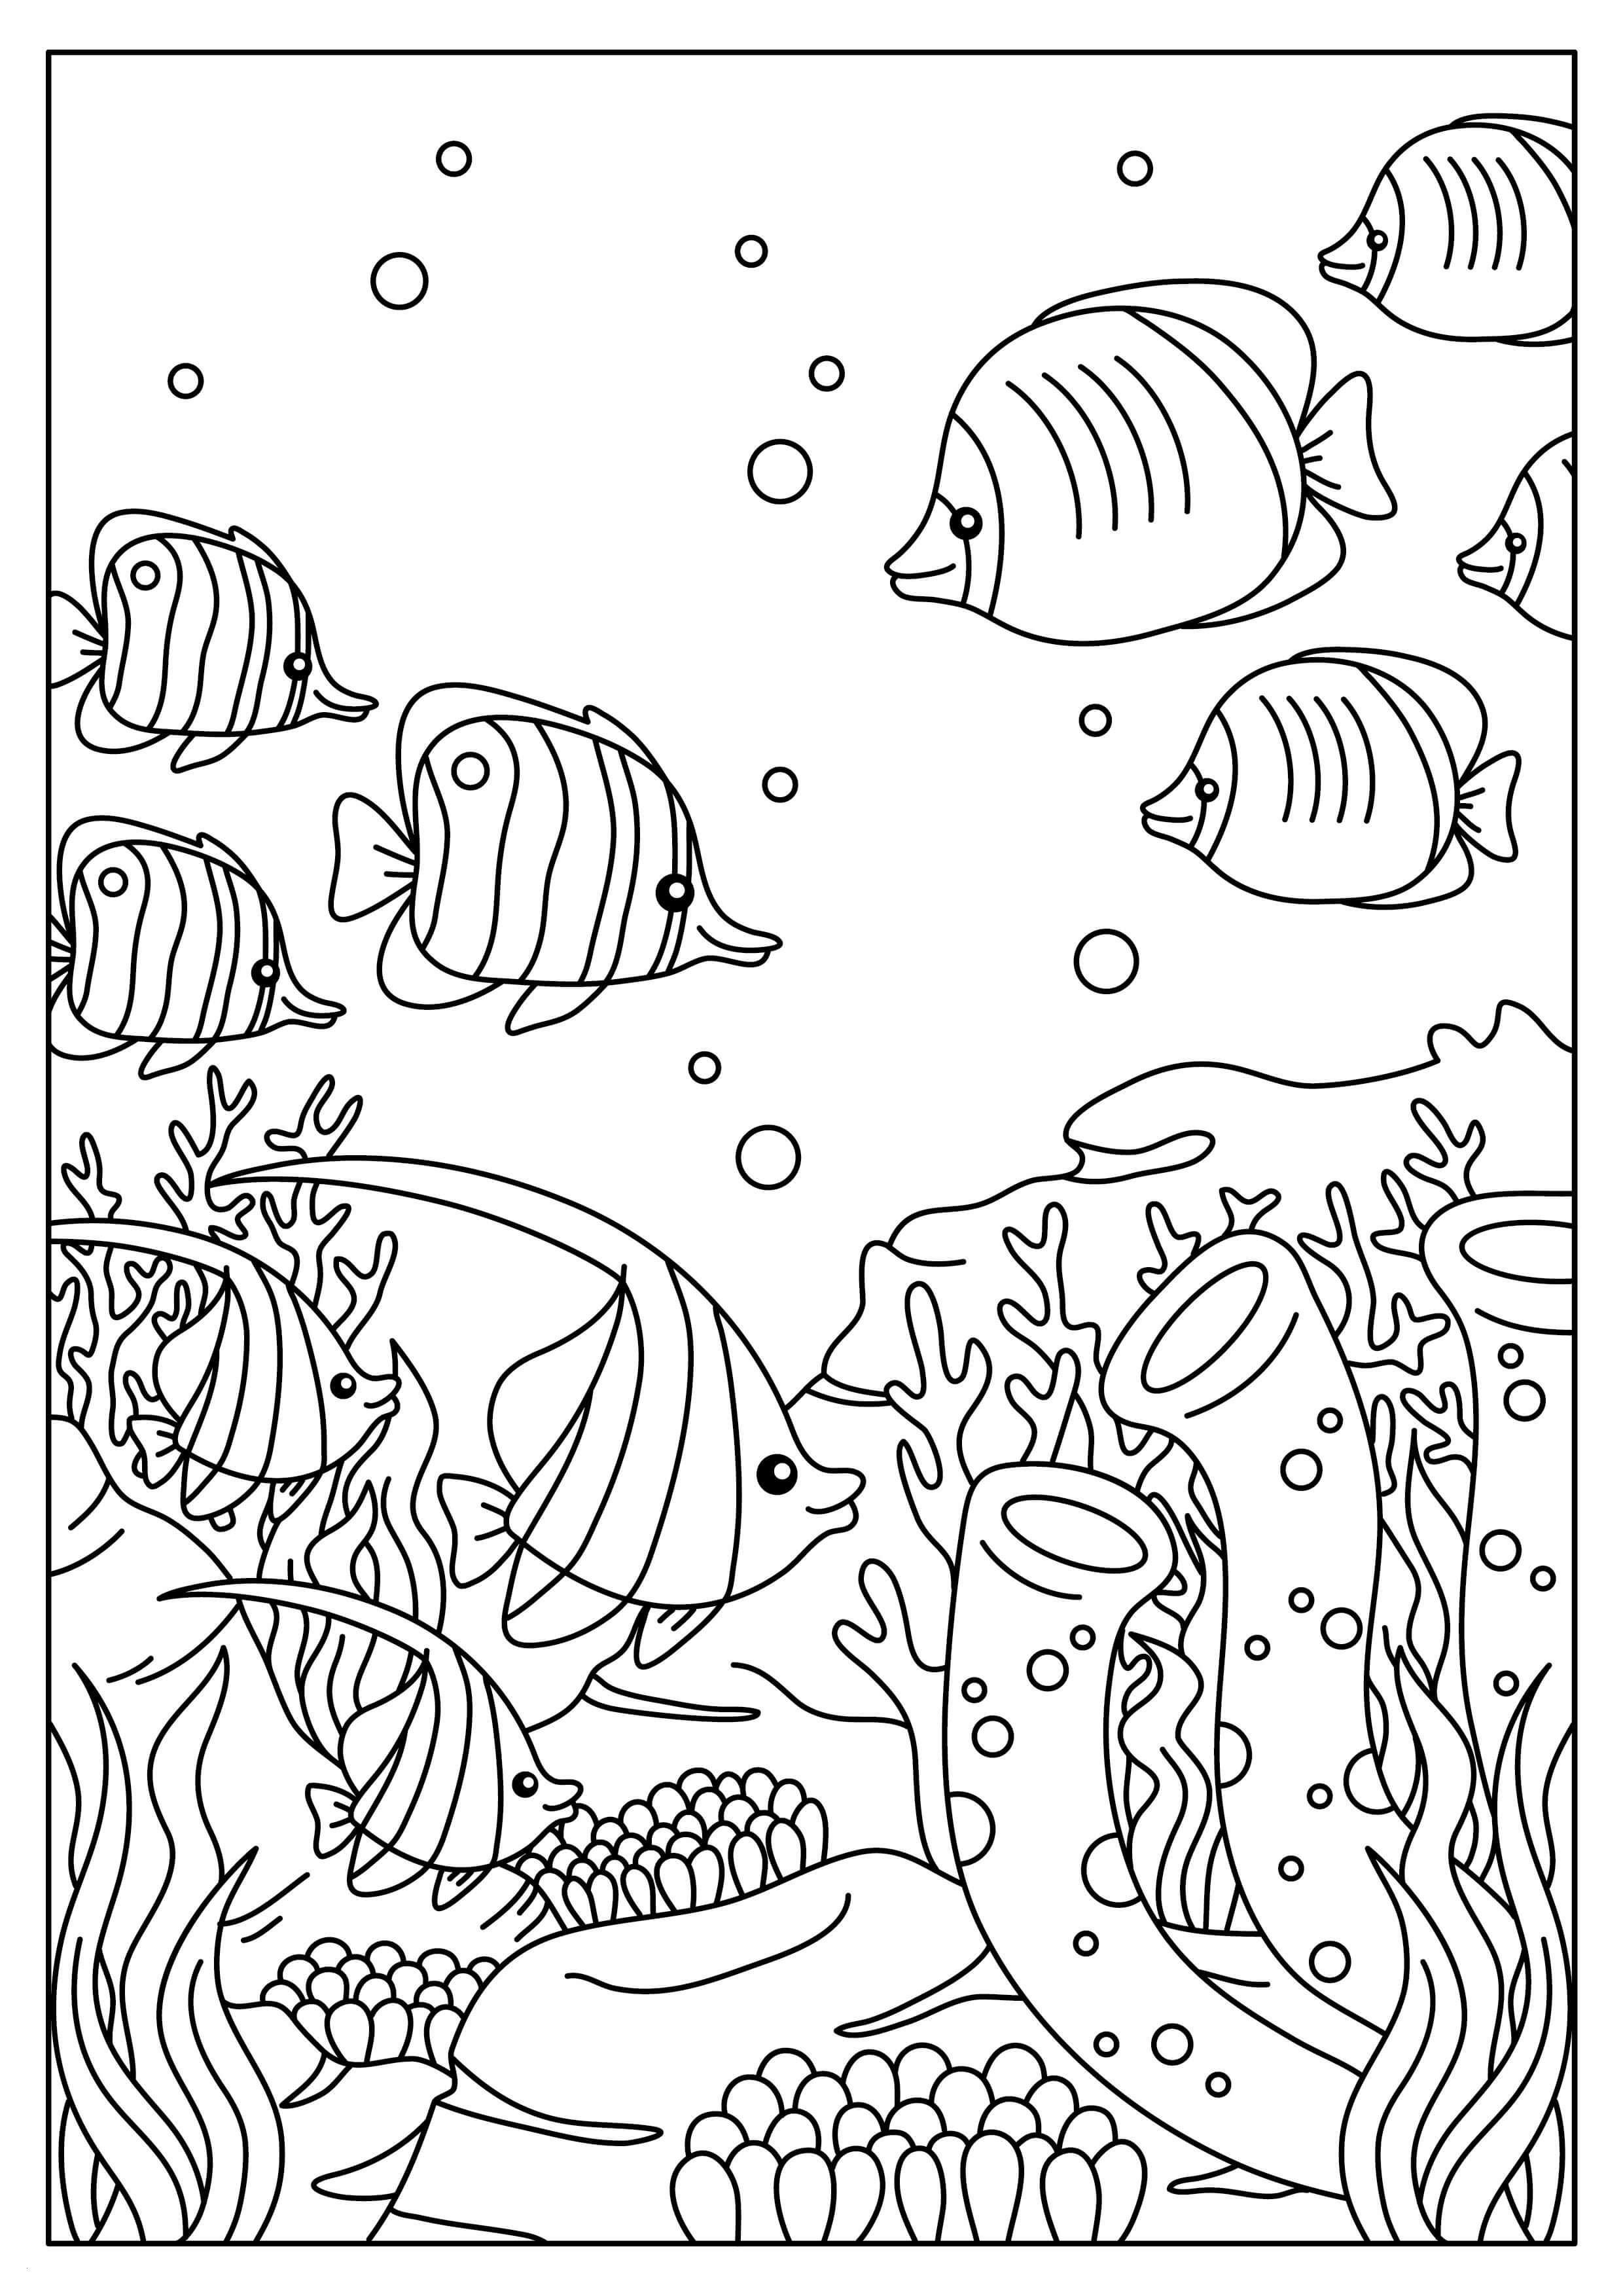 Unterwasserwelt Zum Ausmalen Frisch 35 Malvorlagen Unterwassertiere Scoredatscore Schön Unterwasserwelt Das Bild